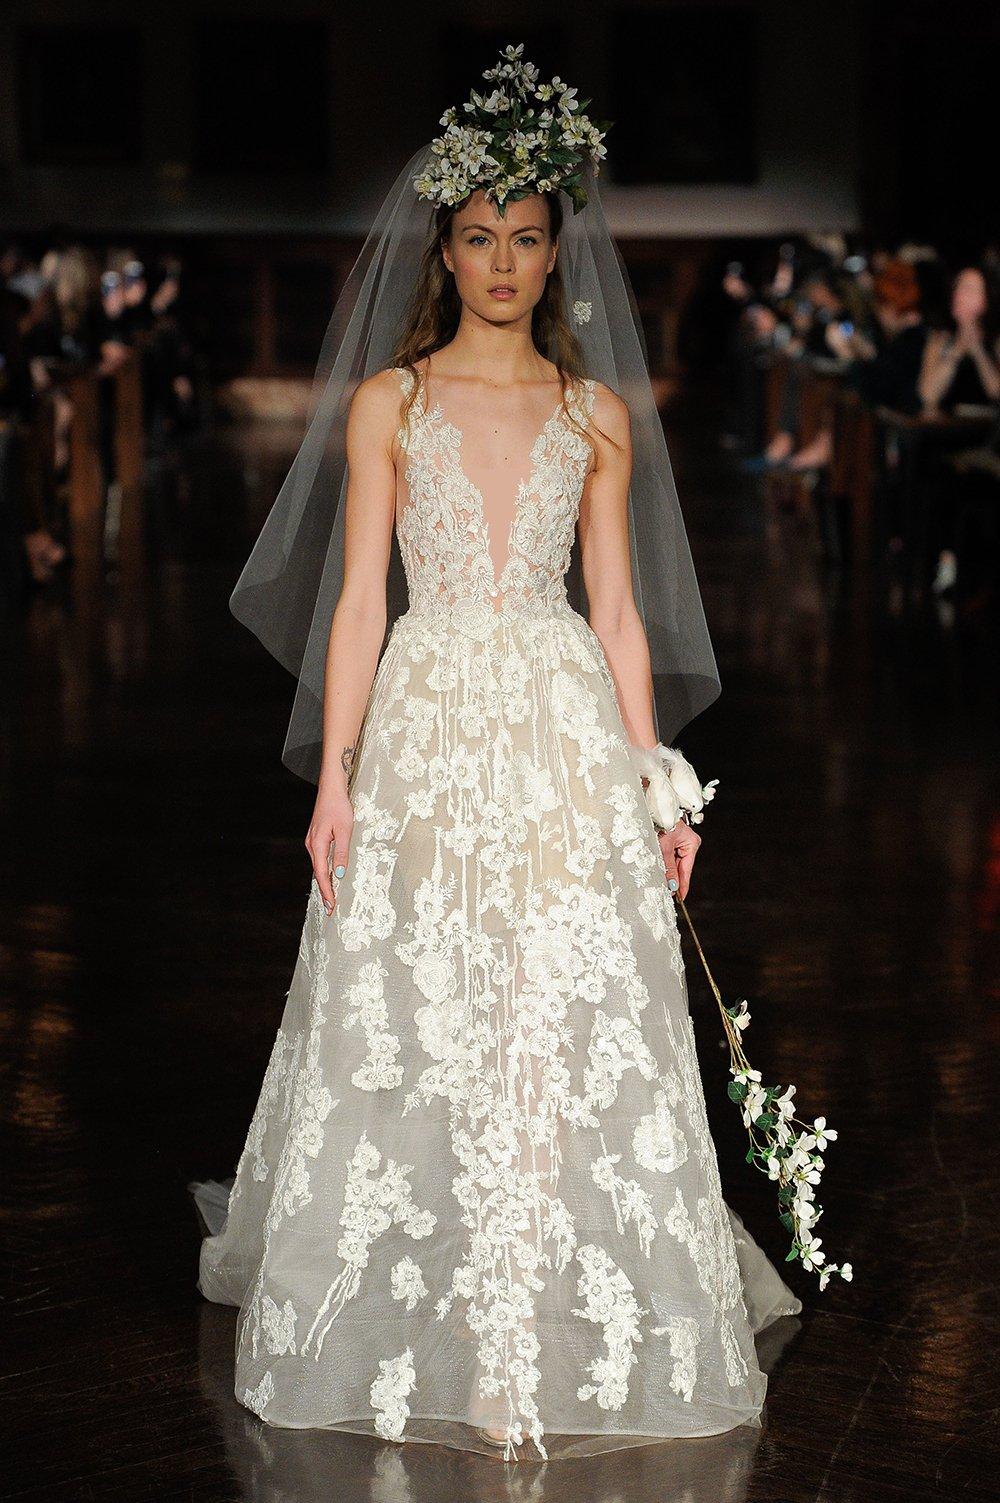 c6d832c92 مجلة زهرة السوسن - أجمل الطرحات التي تناسب ستايل كل عروس مهما كان ذوقها